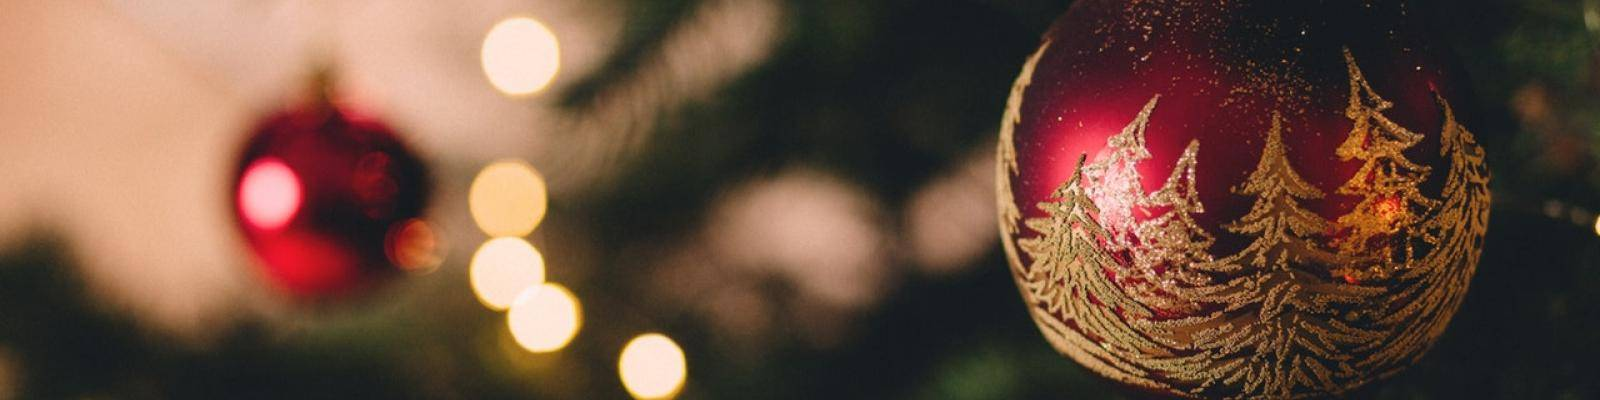 Kerstboom met ballen